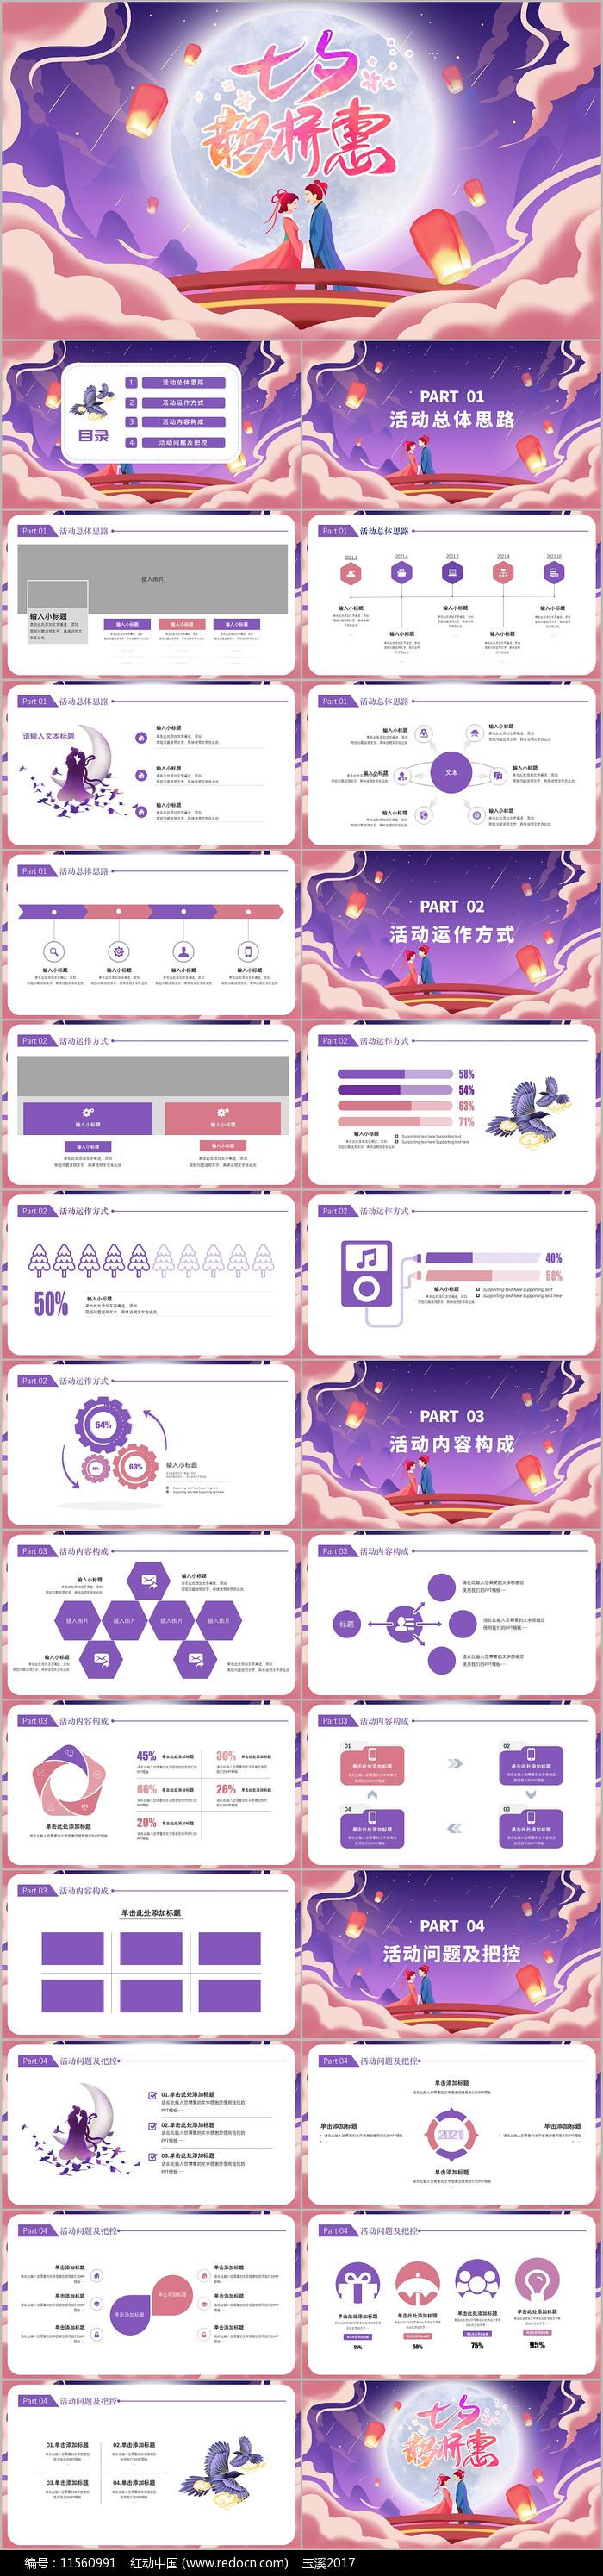 七夕节主题活动策划ppt模板图片